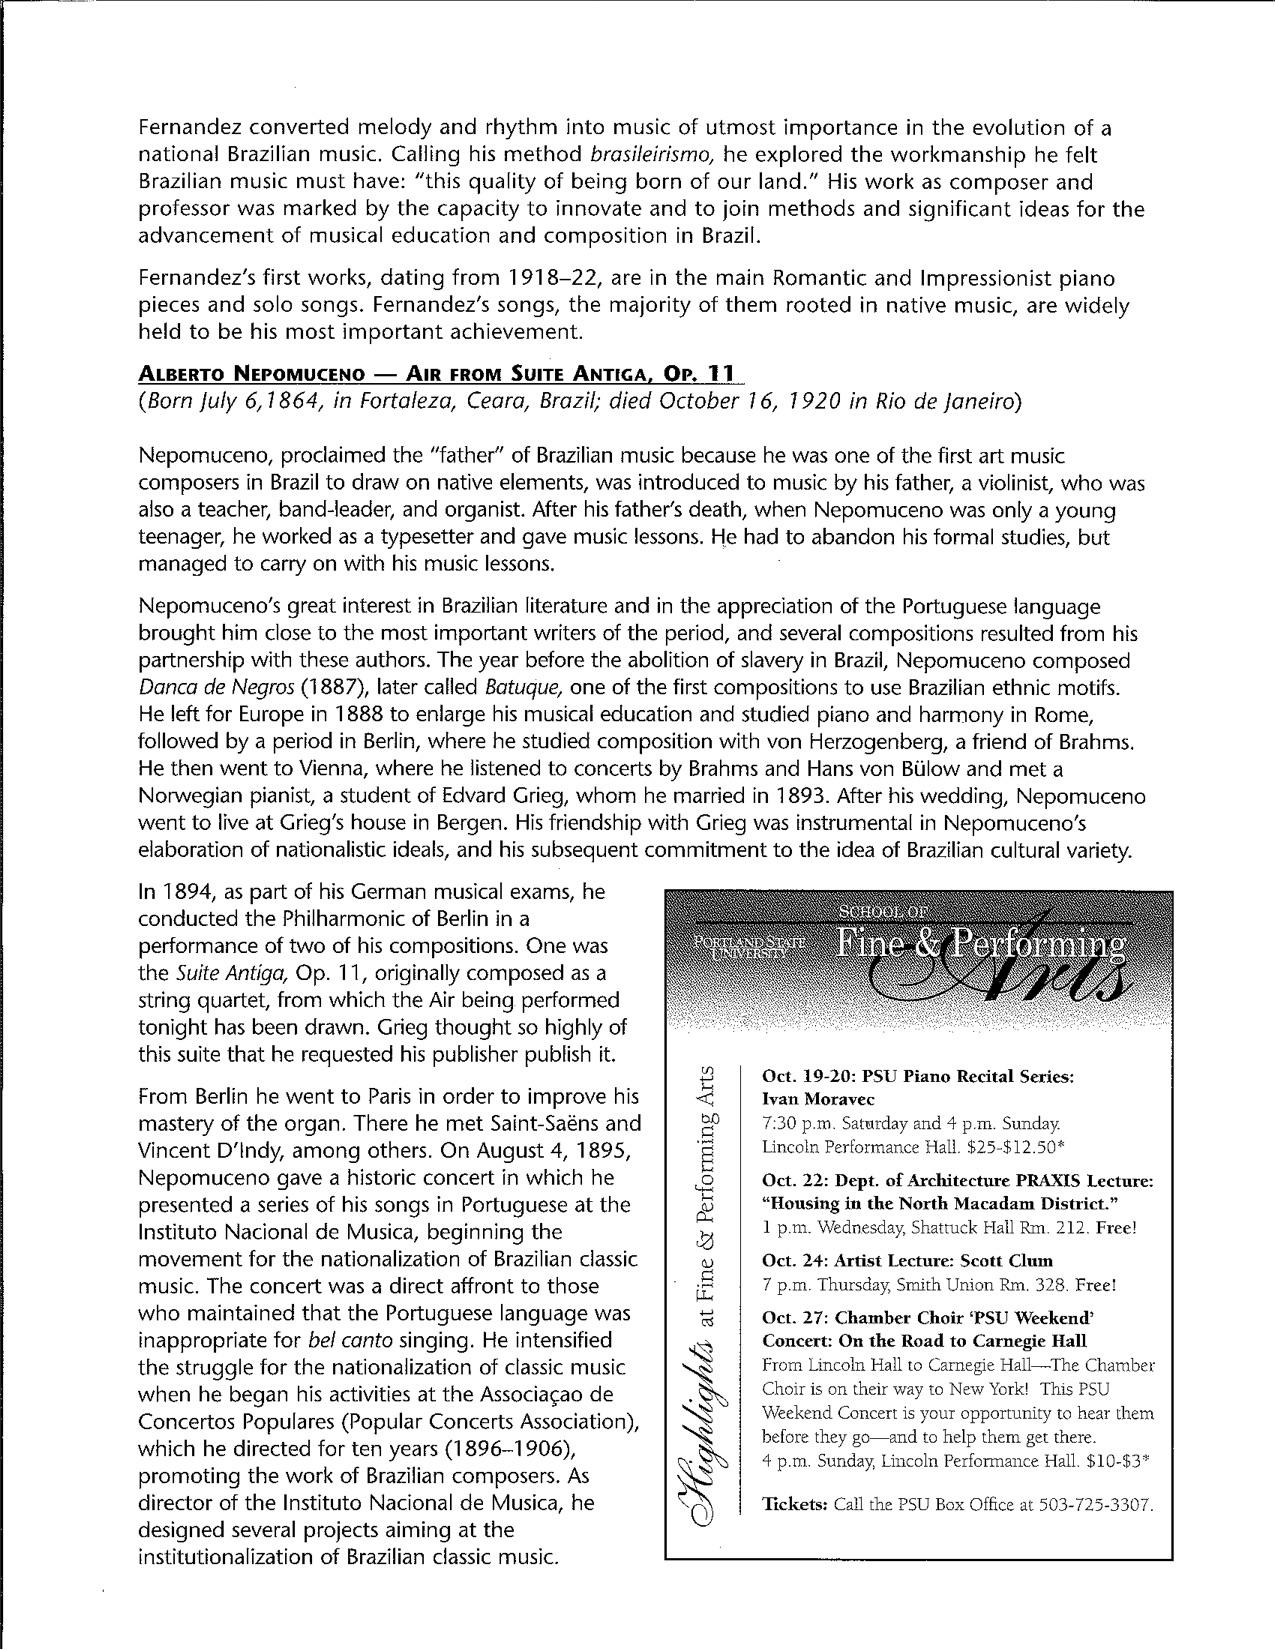 Cohen02-03_Program6.jpg